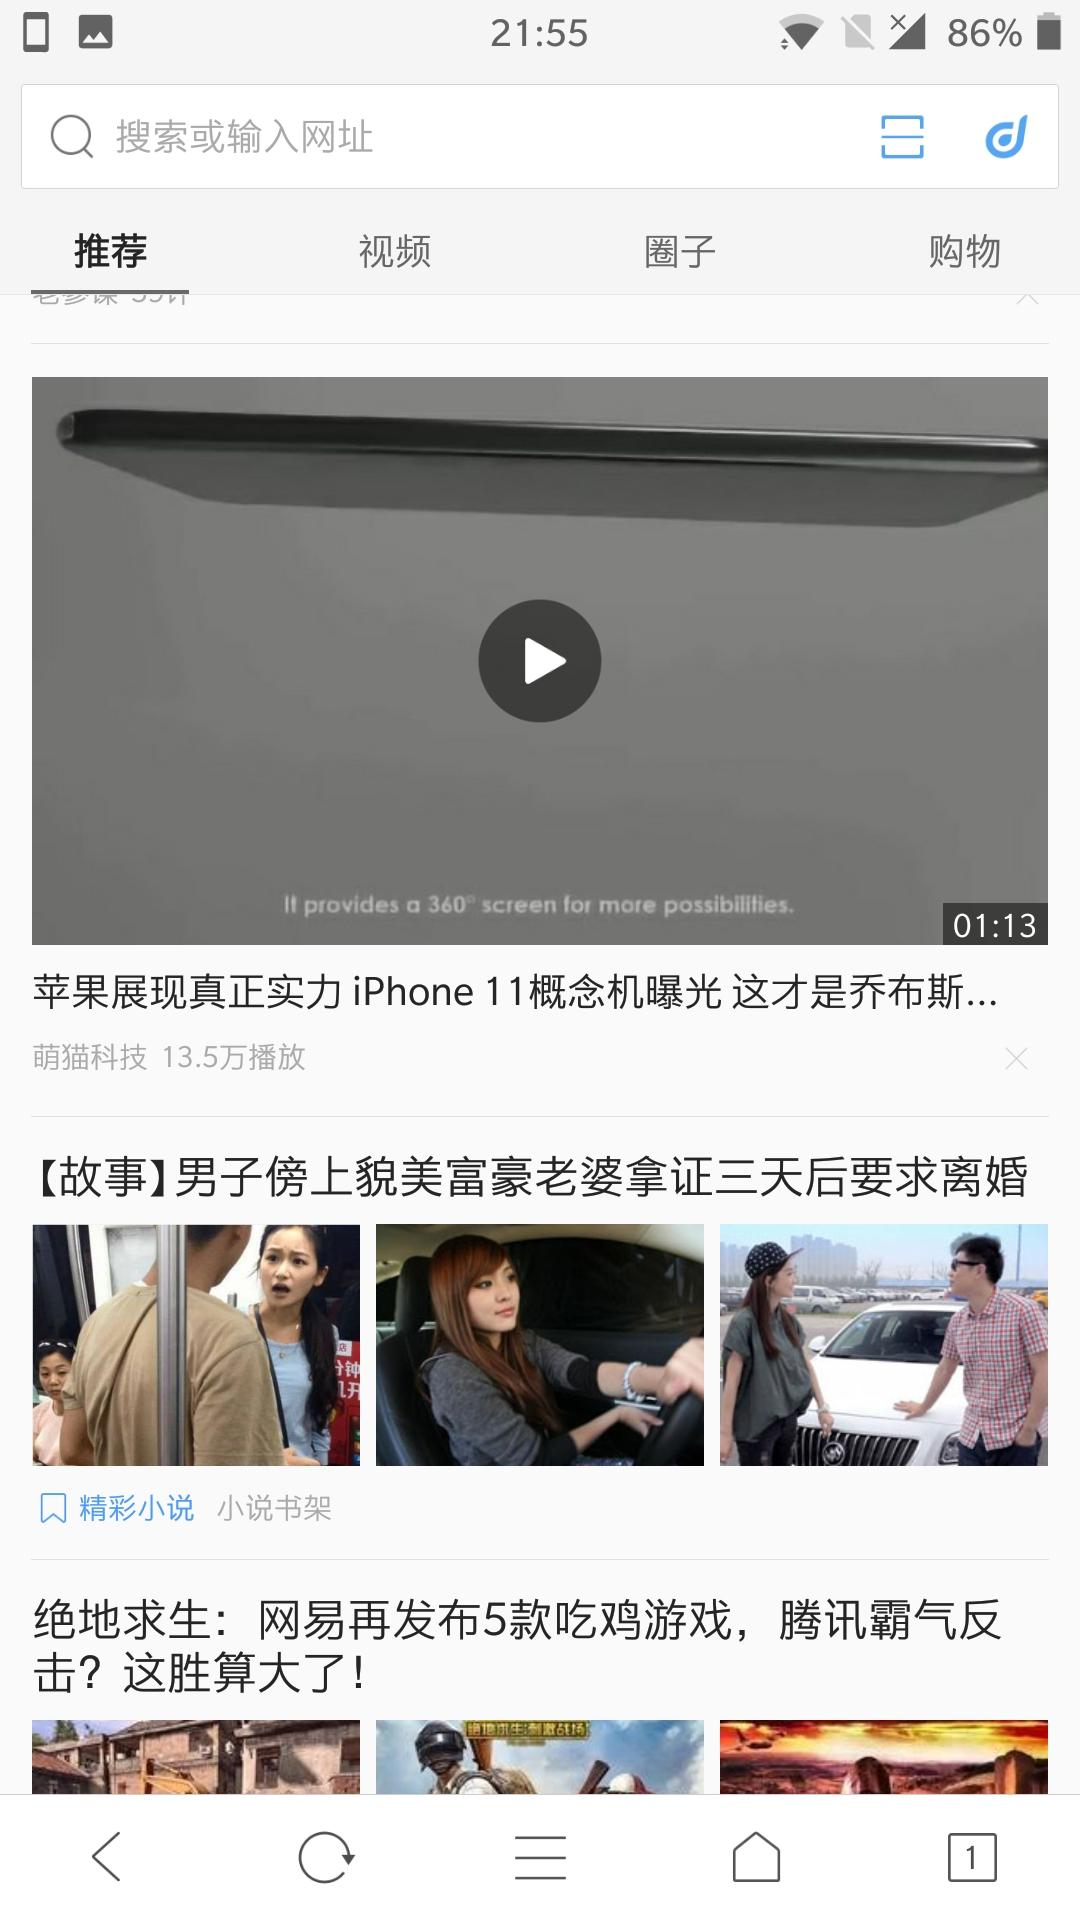 Screenshot_20180218-215508.jpg